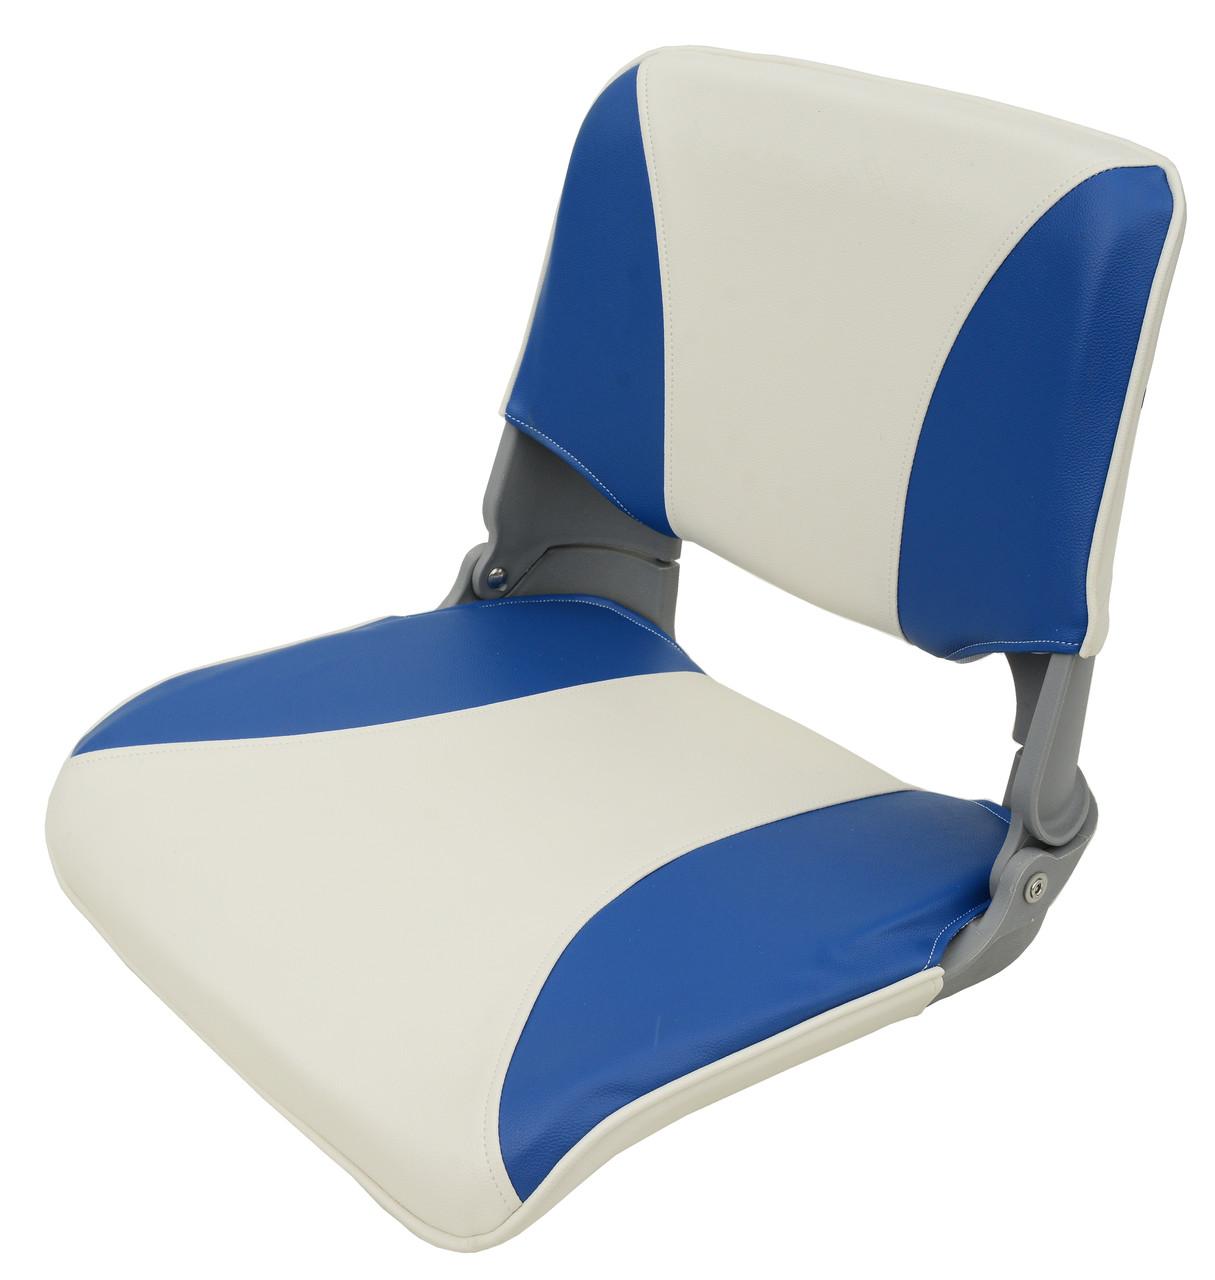 Складное кресло бело-синее 1000022